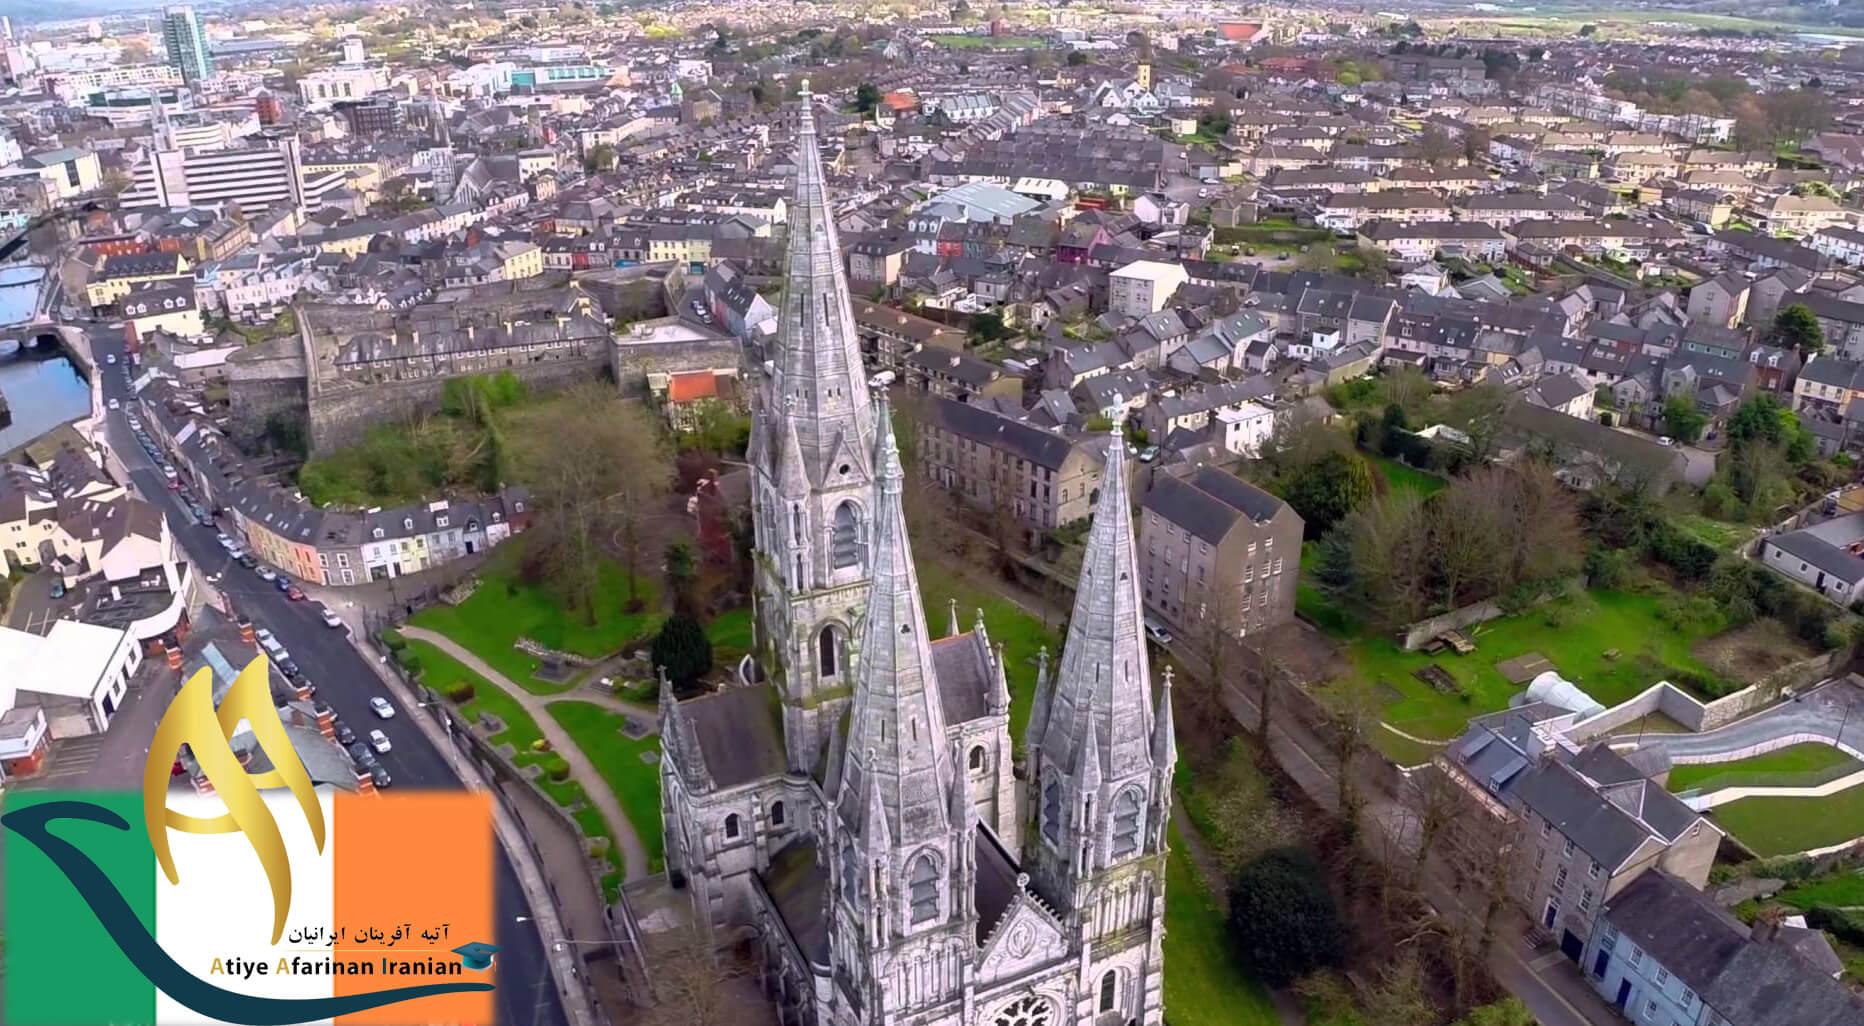 اطلاعات کشور ایرلند